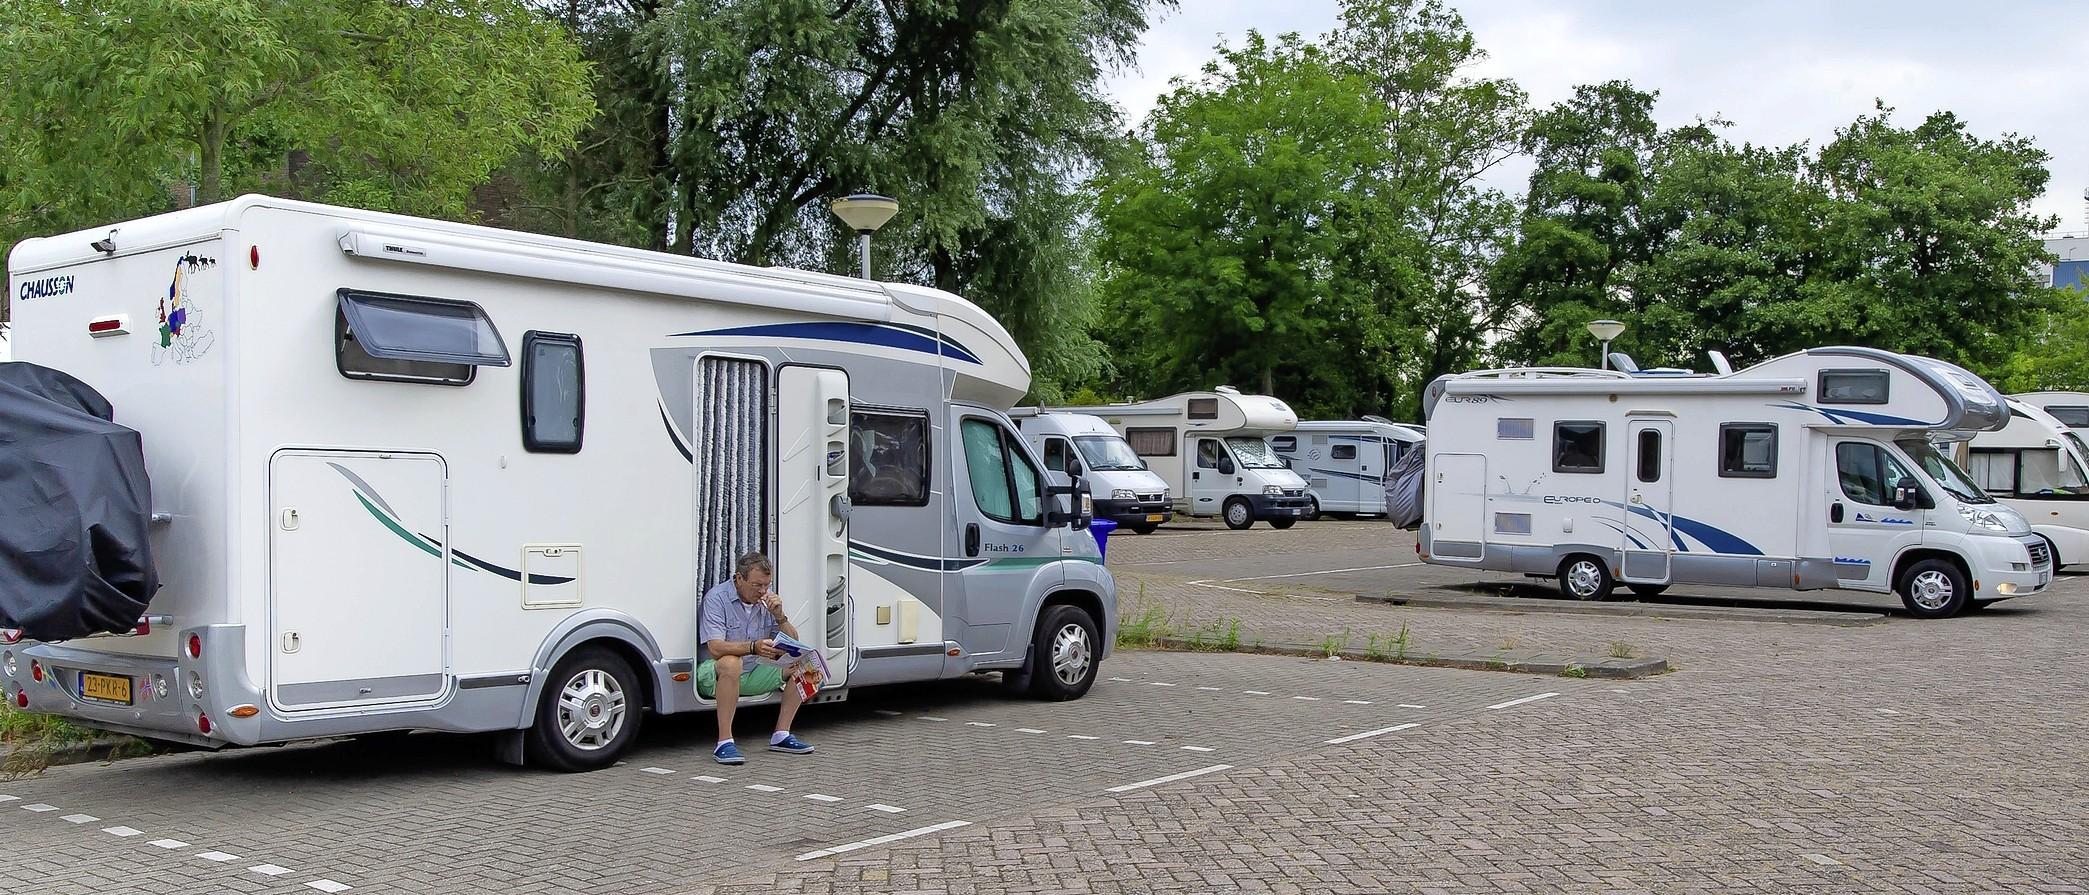 Camperovernachtingen op deel P+R terrein Zaandijk – Zaanse Schans nu verboden